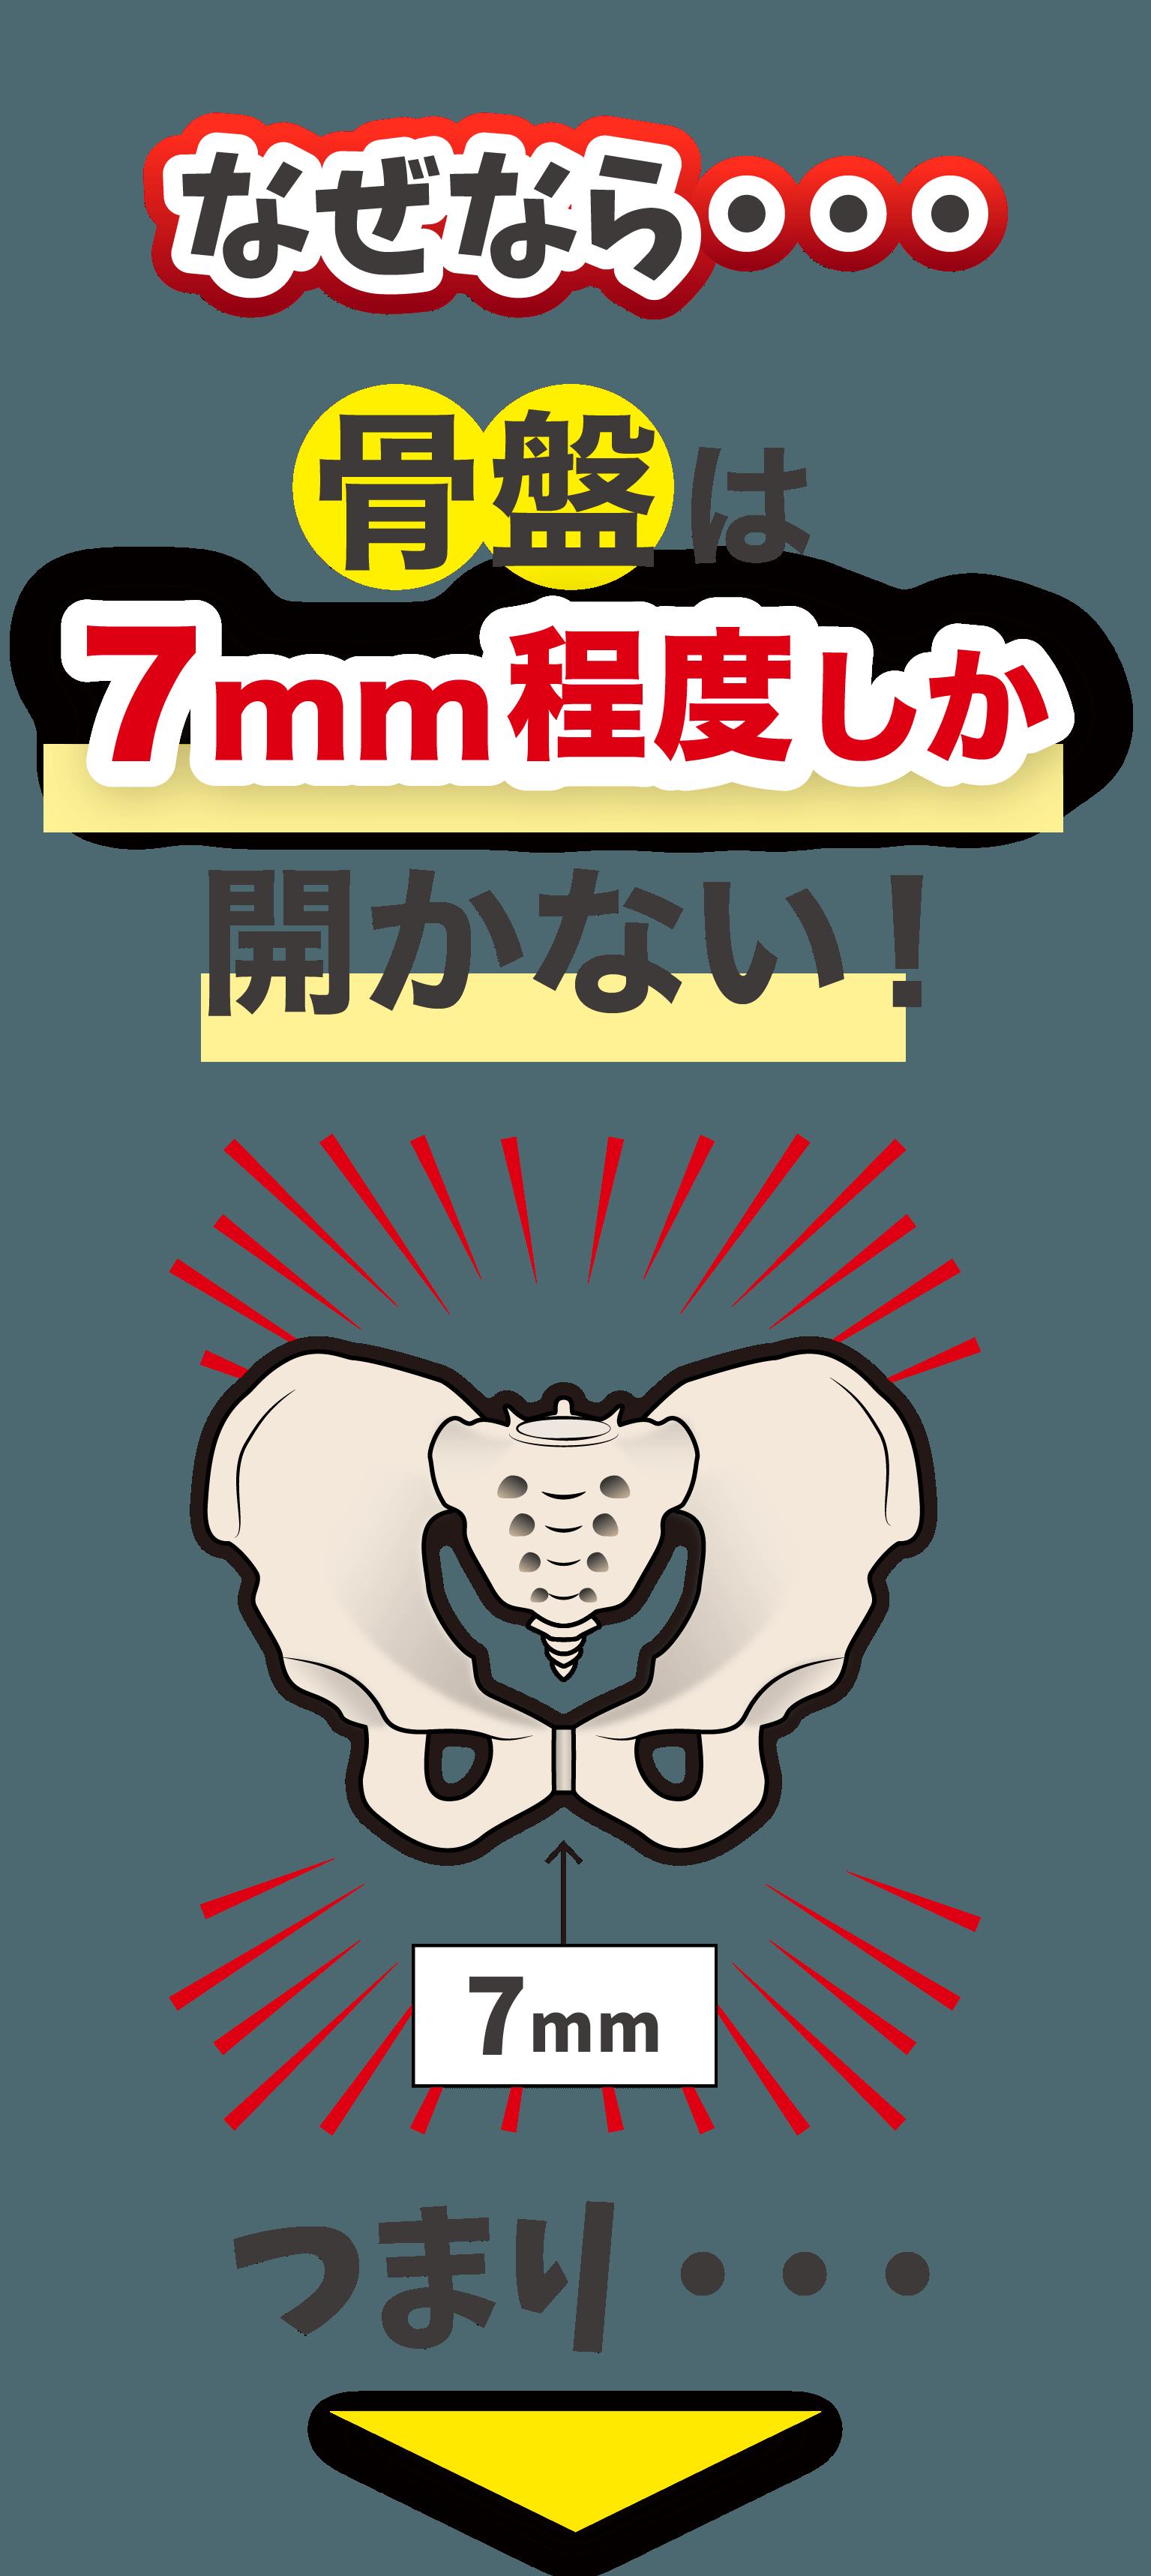 産後の腰痛,産後の骨盤,骨盤矯正,産後骨盤矯正,産後ケア,産後太り,産後整体,整体,整体サロンREFLA,リフラ,鎌ケ谷,スマートフォン用の画像